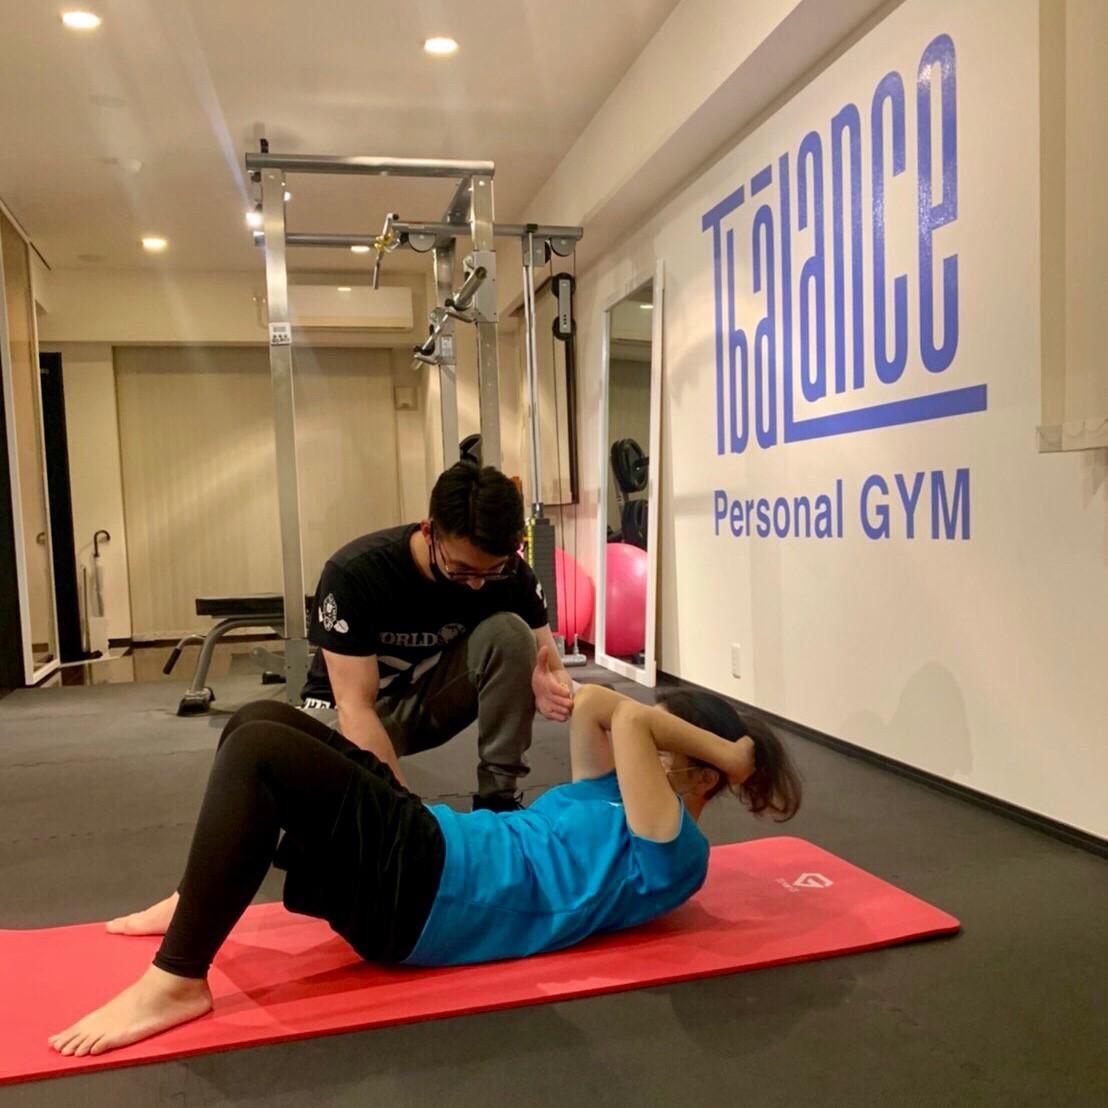 パーソナルジムティーバランス三田店(港区)での女性の腹筋トレーニング